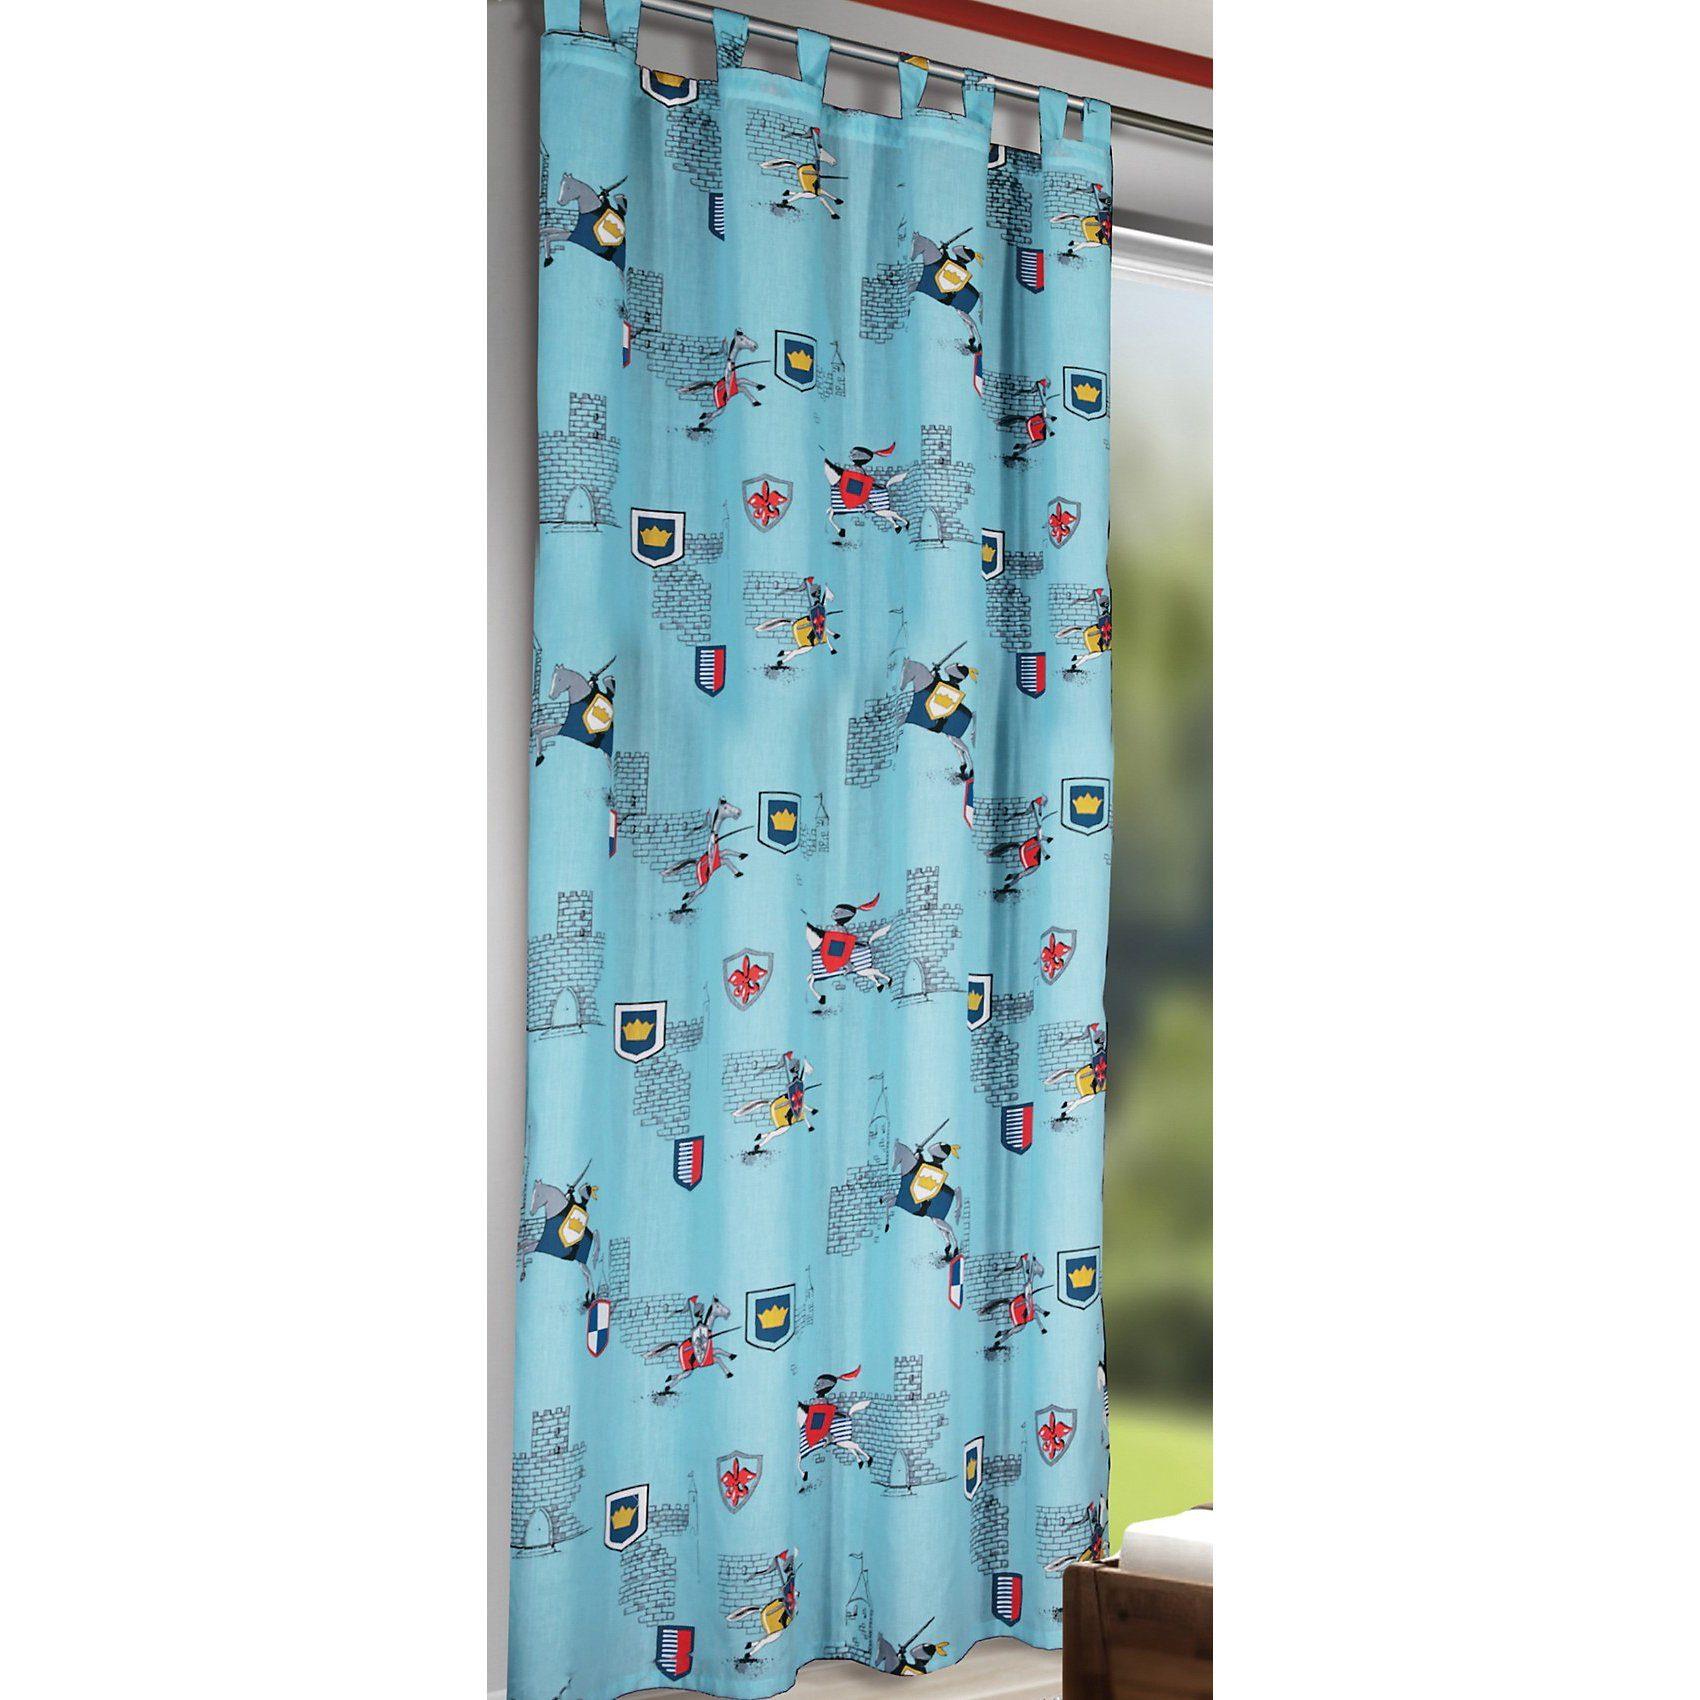 vorhang verdunkelung ikea gardinen sensationell verdunkelnde gardinen ausgezeichnet welche ikea. Black Bedroom Furniture Sets. Home Design Ideas